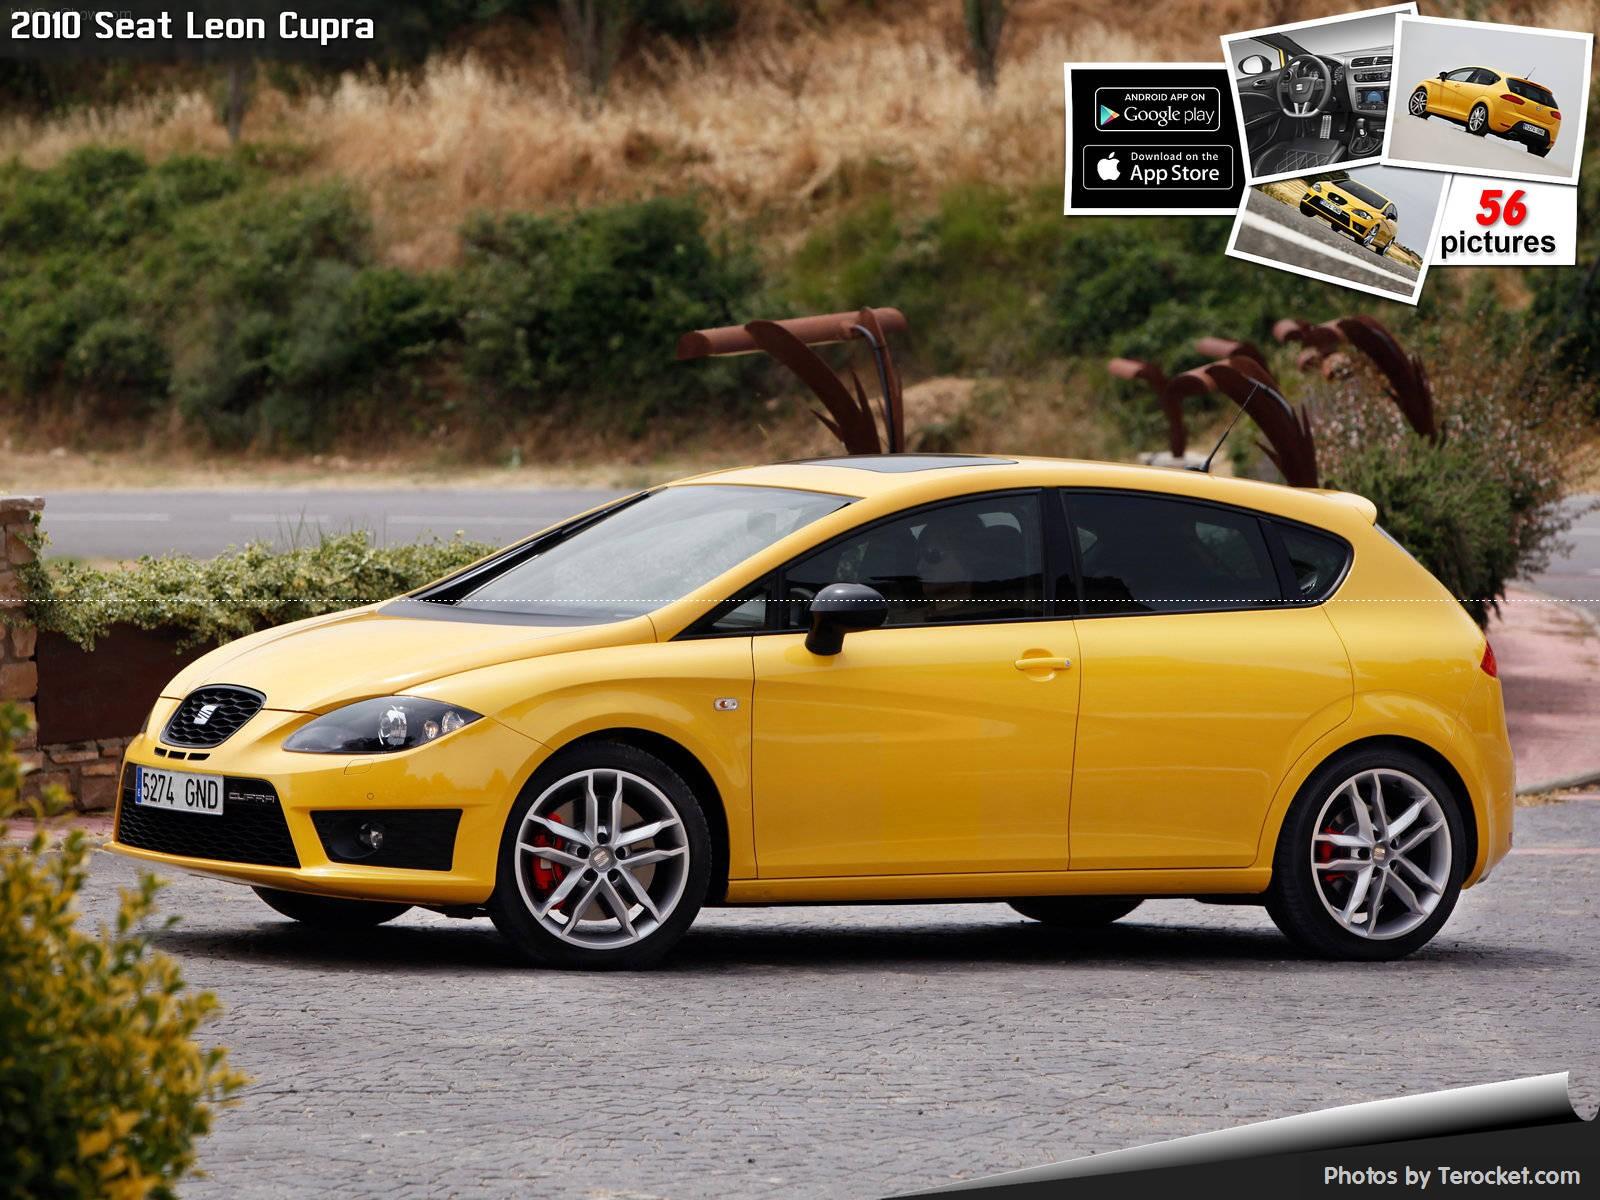 Hình ảnh xe ô tô Seat Leon Cupra 2010 & nội ngoại thất